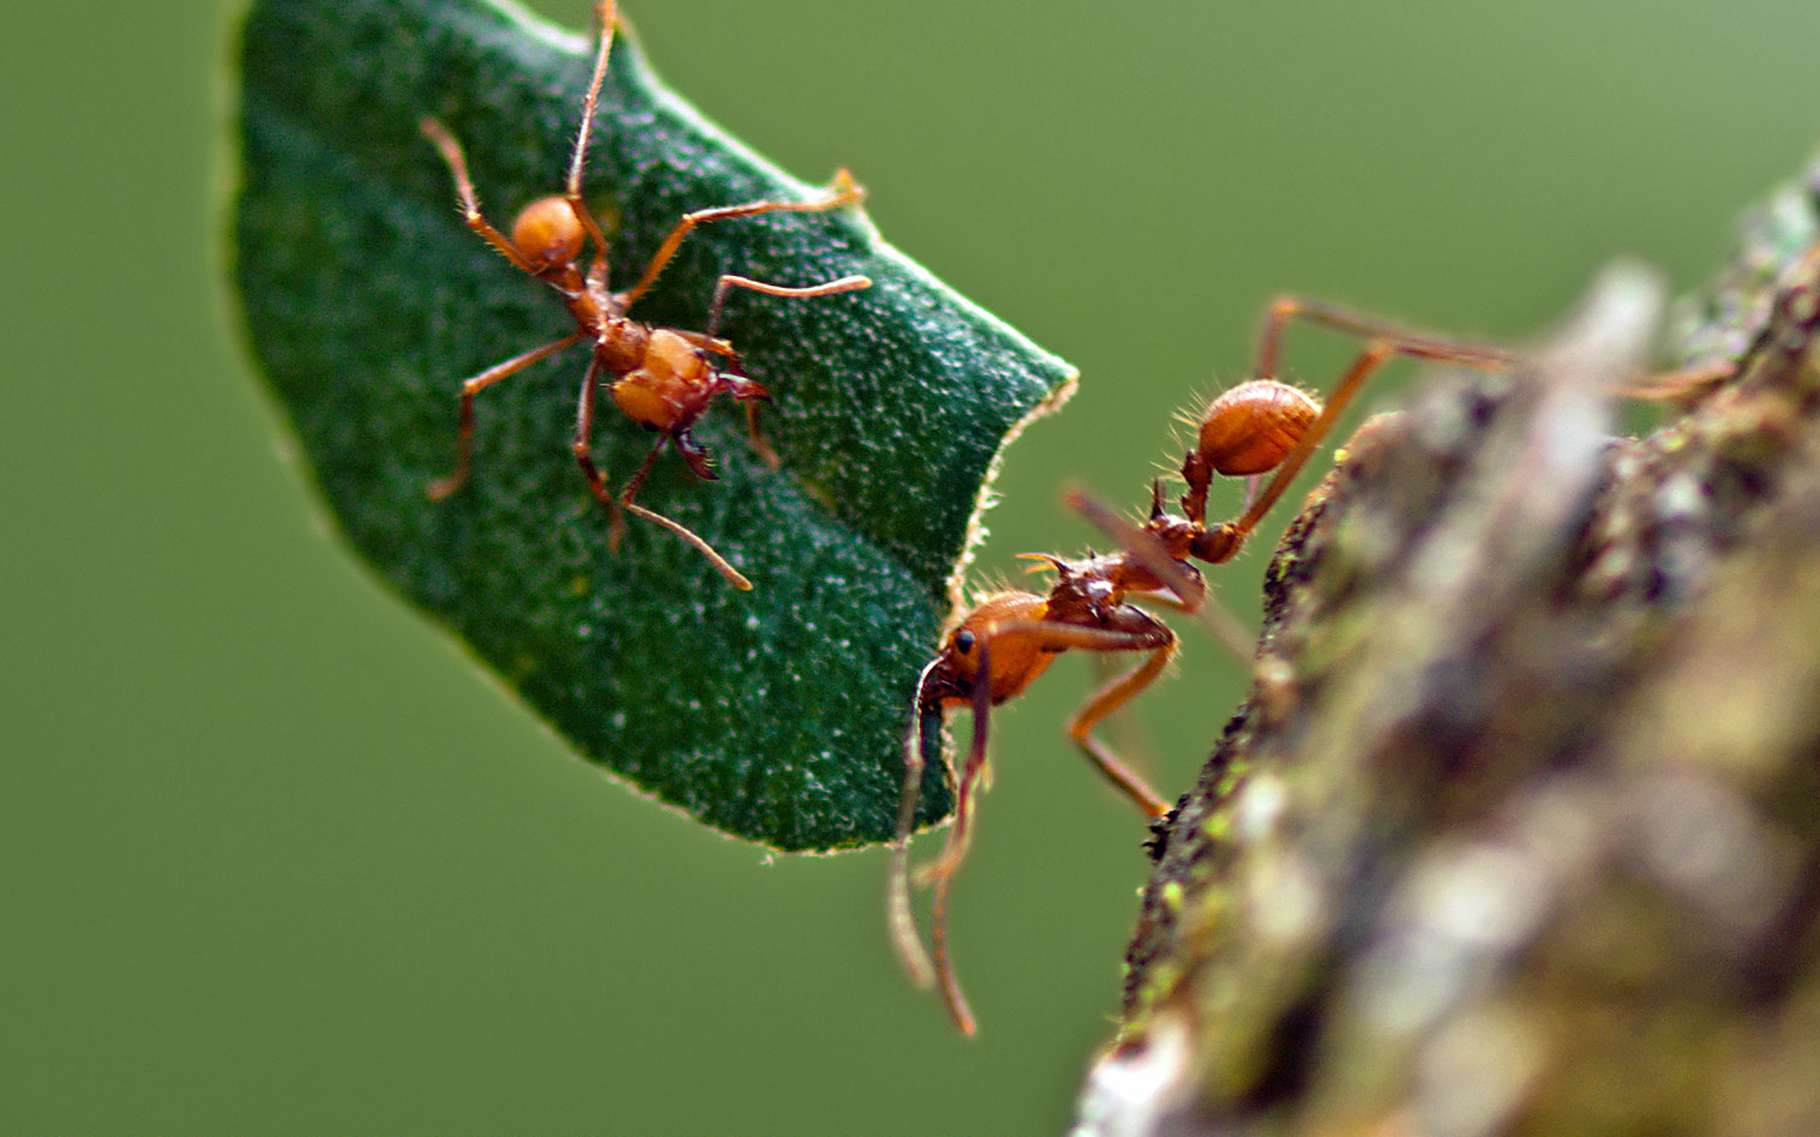 Grosses Fourmis Noires Dans Le Jardin les fourmis champignonnistes et l'agriculture | dossier